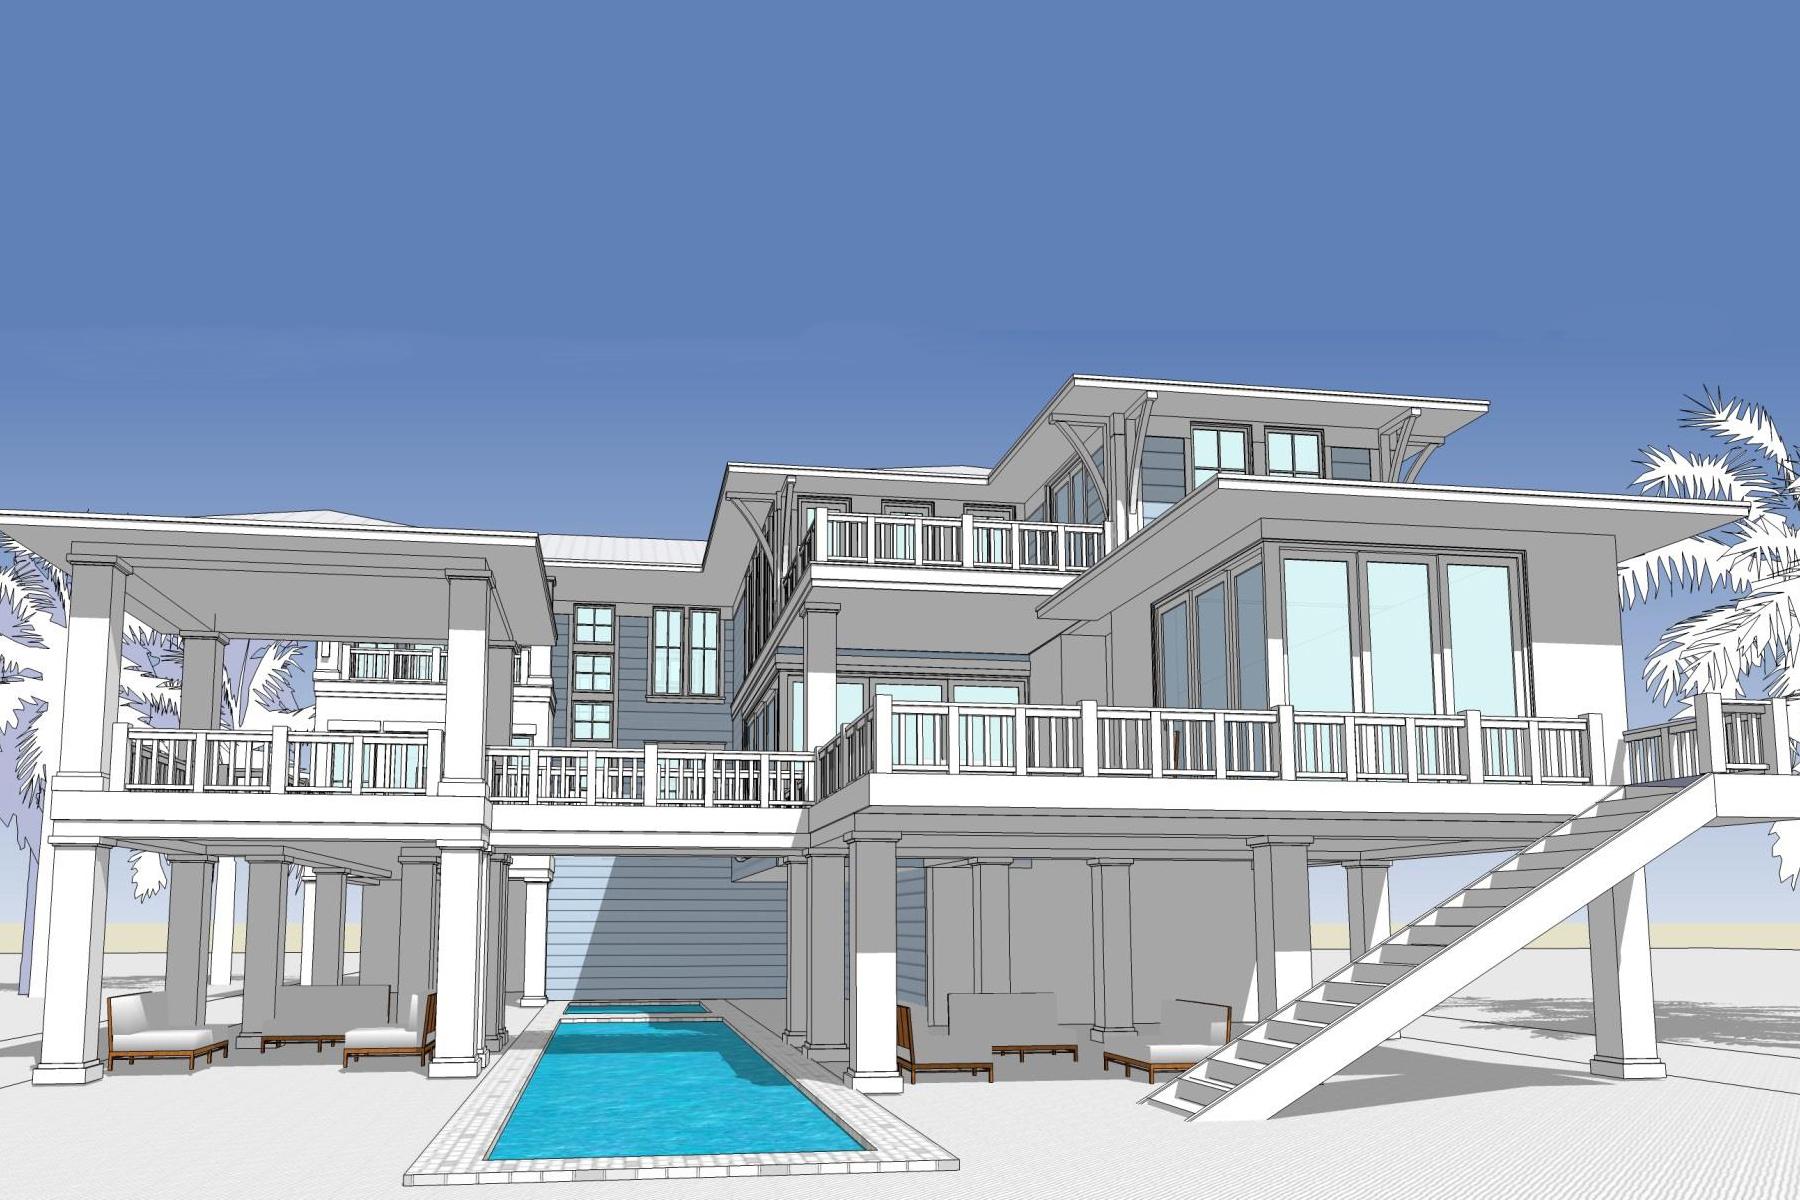 단독 가정 주택 용 매매 에 BAY ISLES 3344 Gulfmead Dr Sarasota, 플로리다 34242 미국